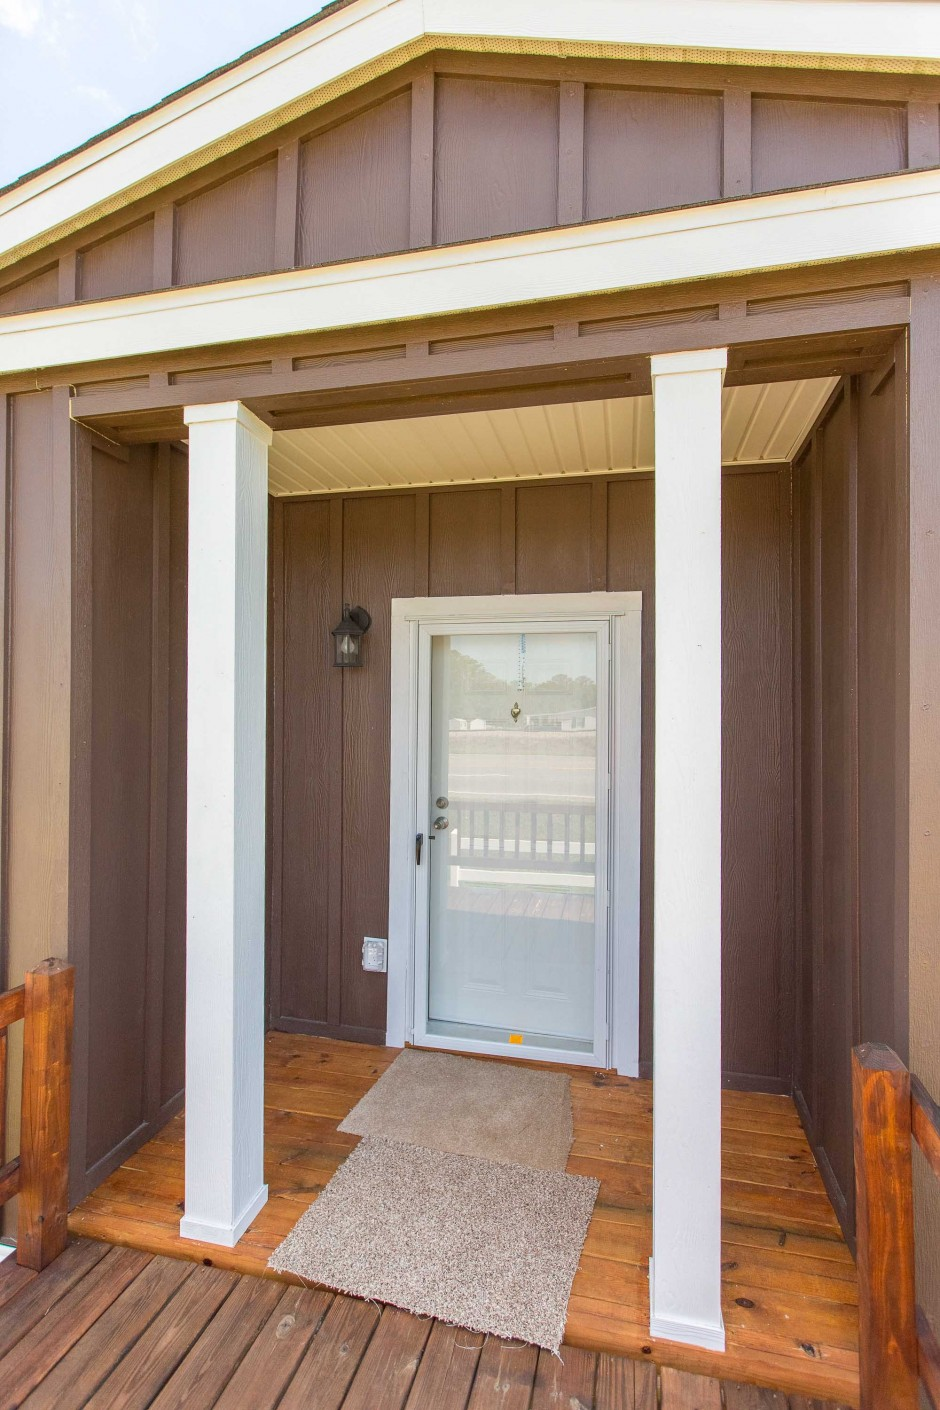 Wayne Frier Mobile Homes | Mobile Home Dealers In South Ga | Wayne Frier Mobile Homes Live Oak